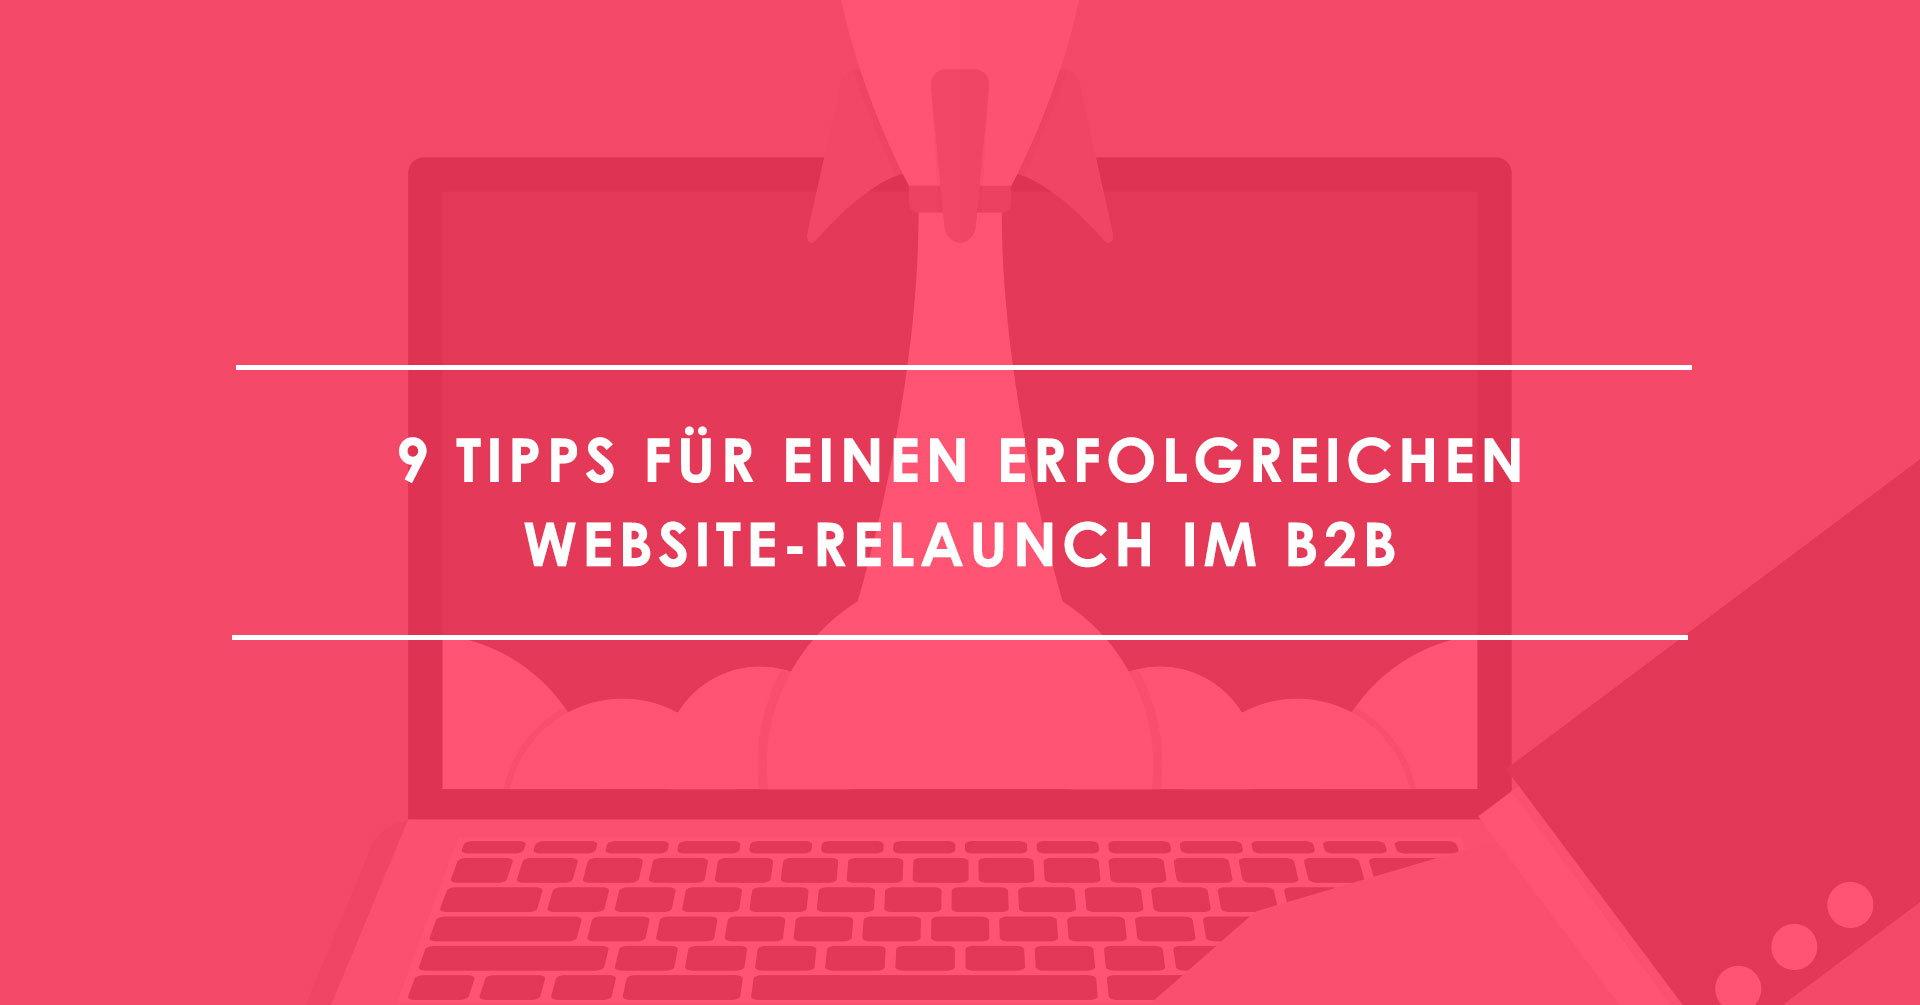 Website-Relaunch-im-B2B--9-Tipps-für-die-Optimierung